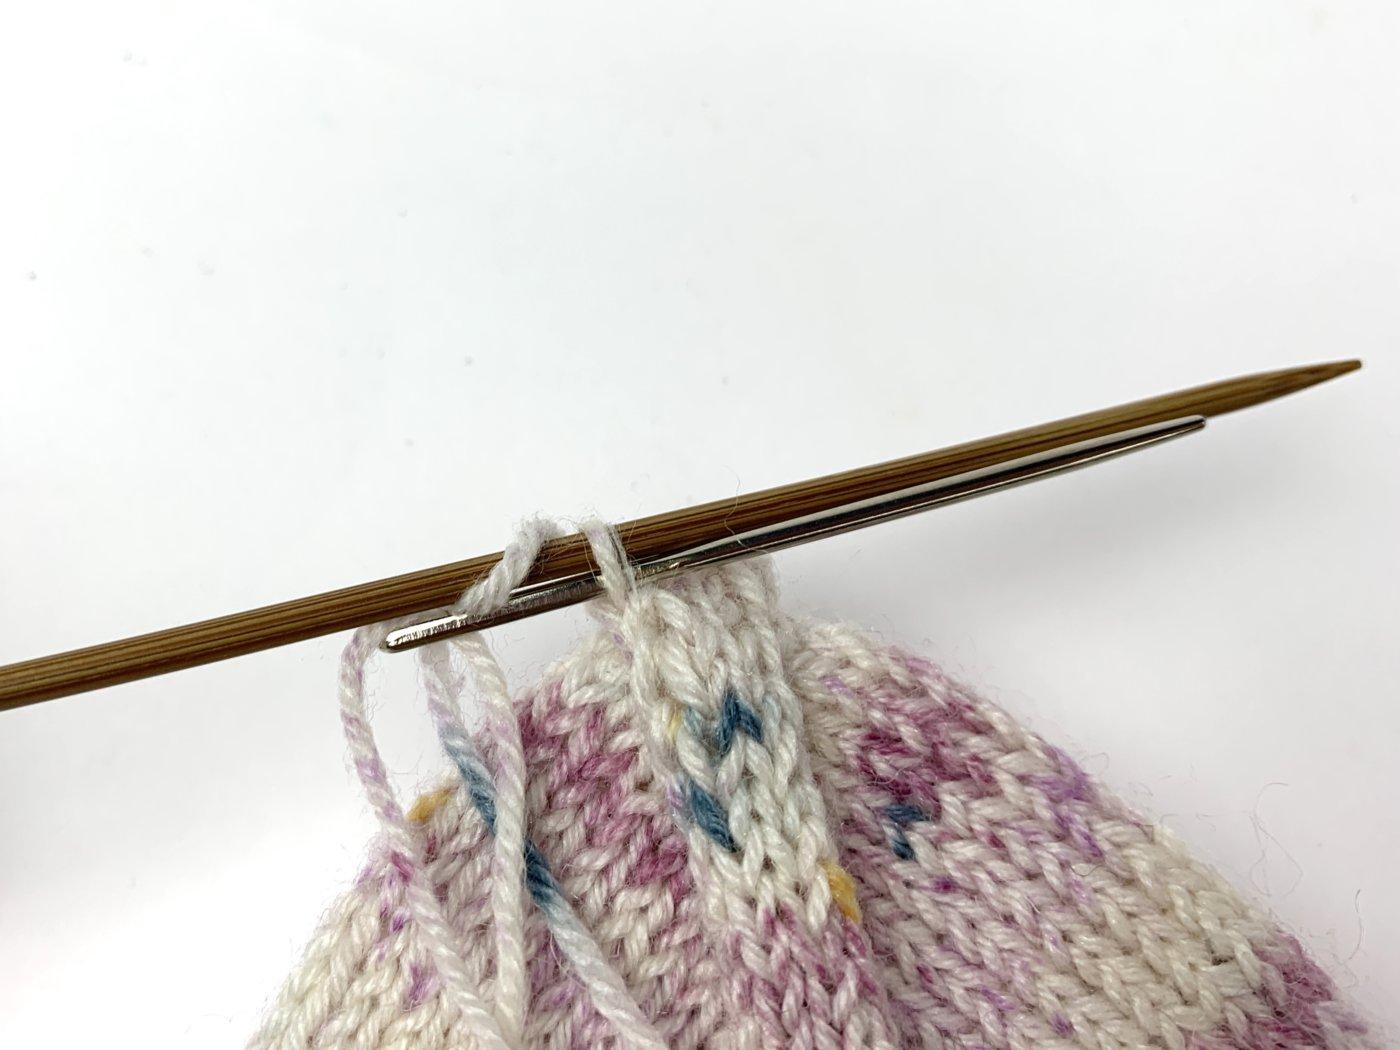 Schiebe die Nähnadel wie zum Rechtsstricken durch die letzte Masche auf der vorderen Nadel und lasse sie von der Stricknadel gleiten.